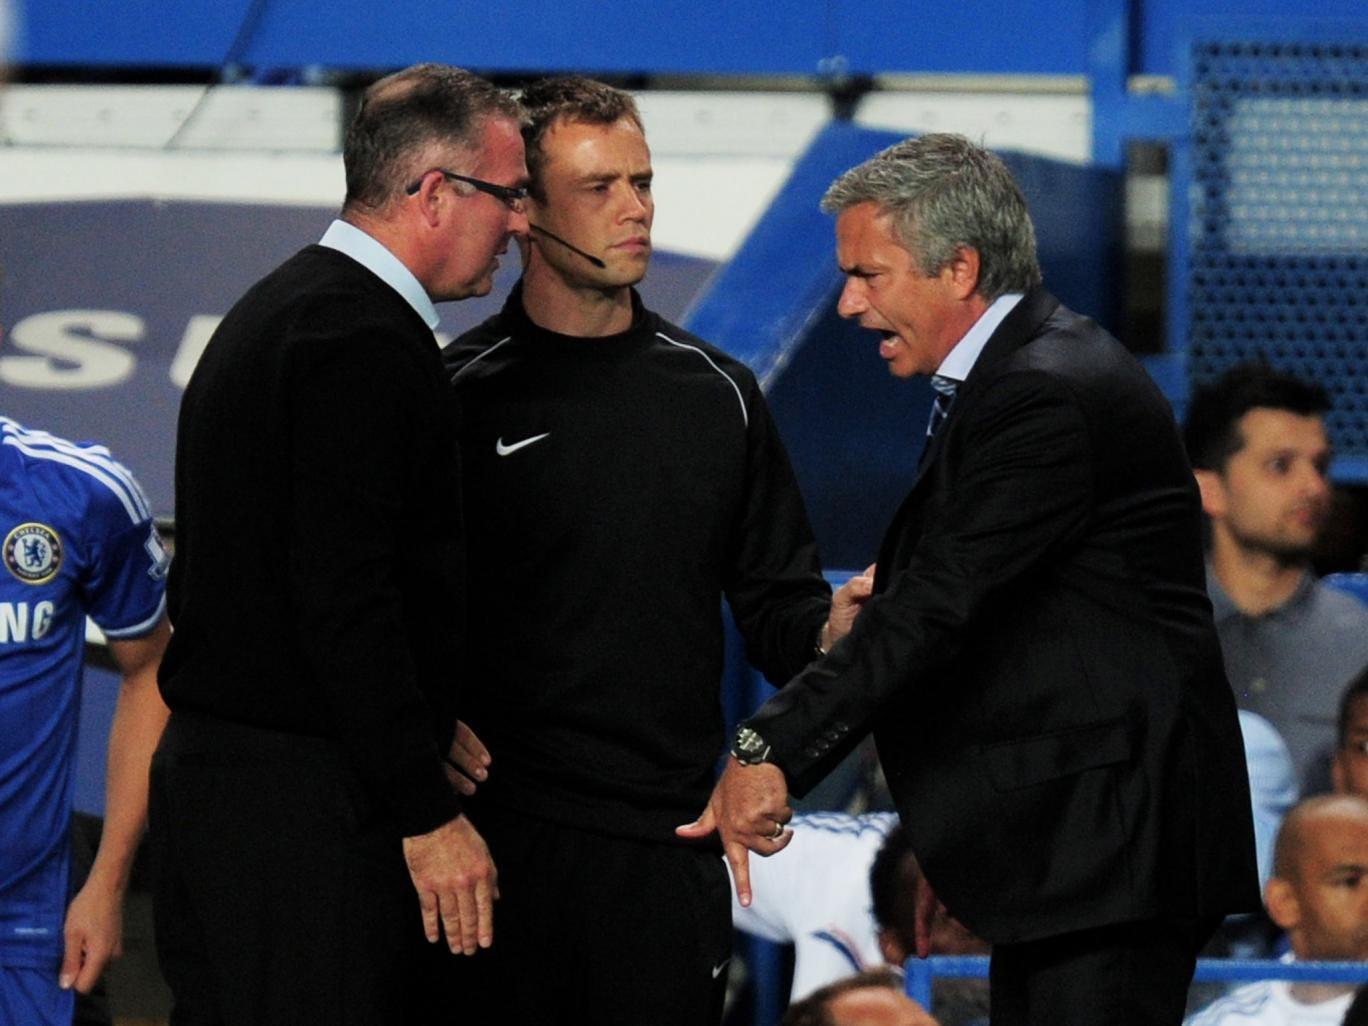 Jose Mourinho and Paul Lambert square up at Stamford Bridge